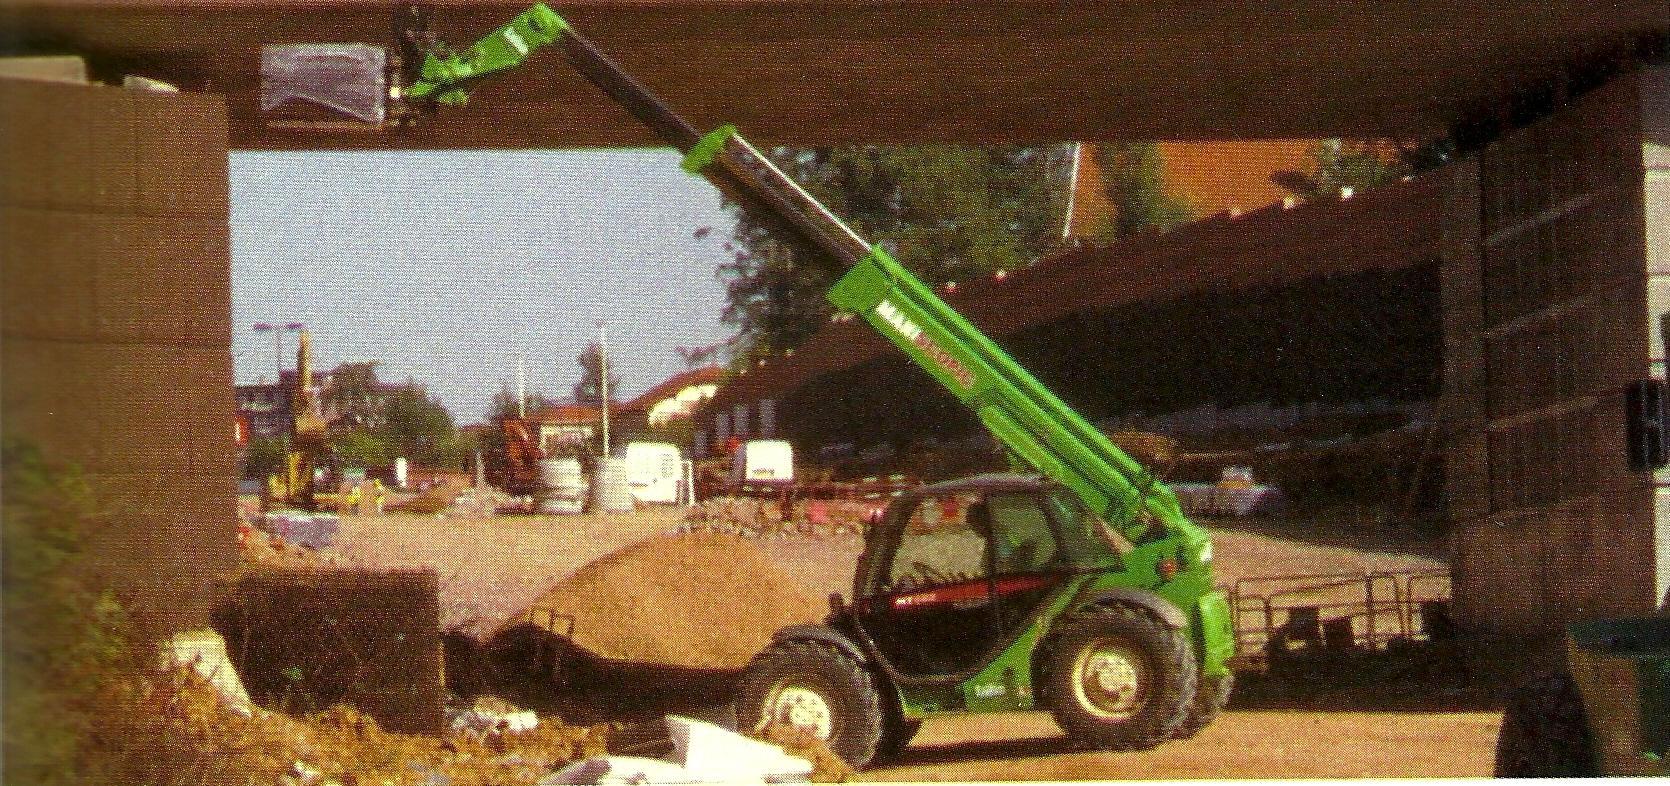 technique de construction moderne